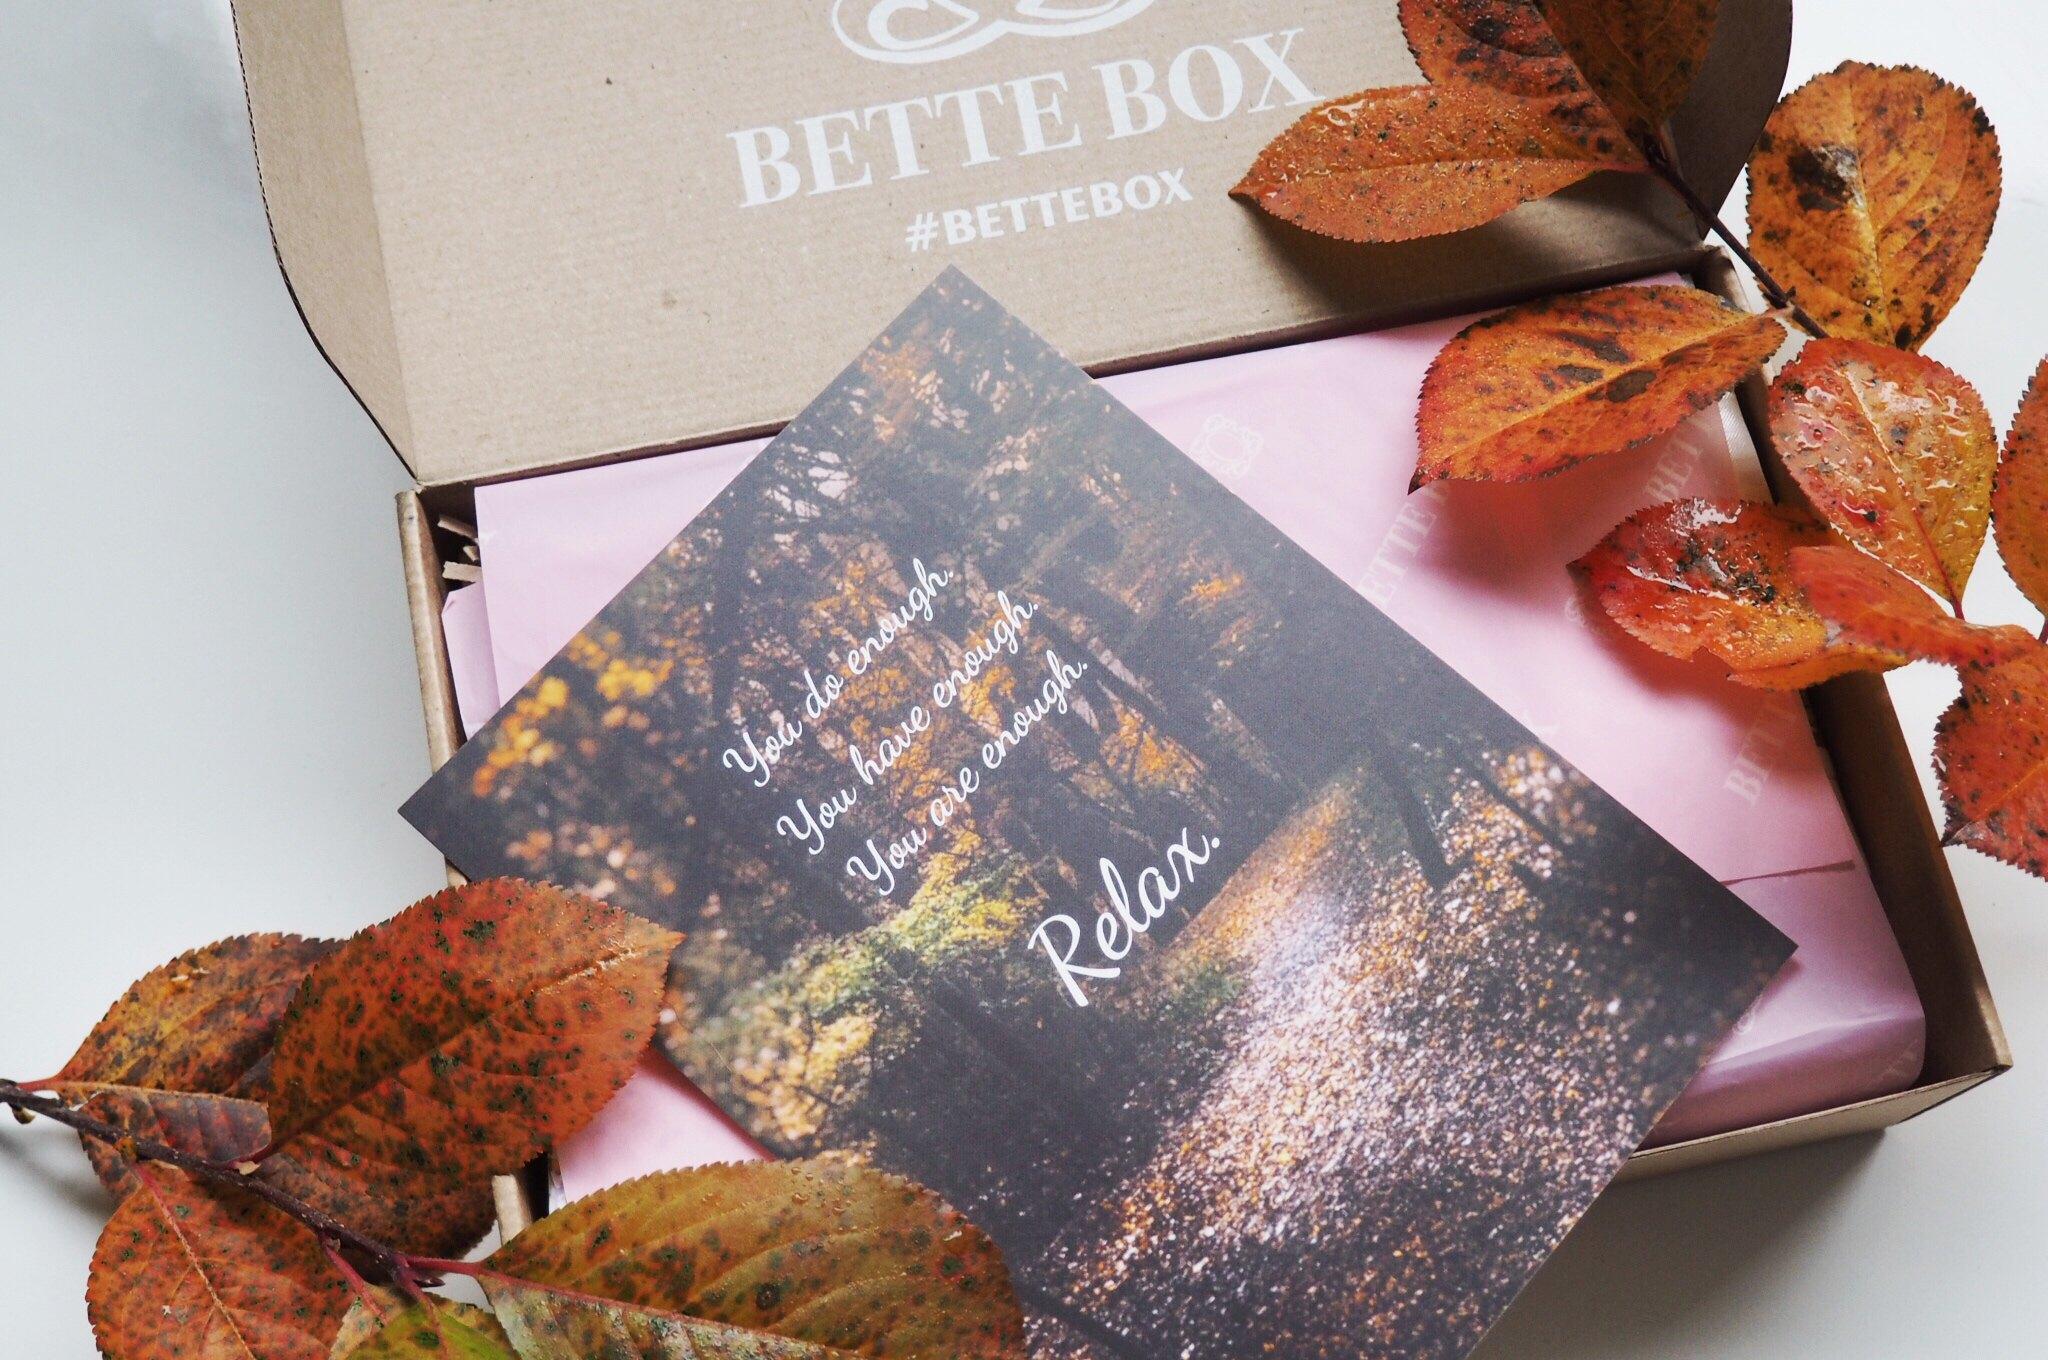 Lokakuun Bette Box